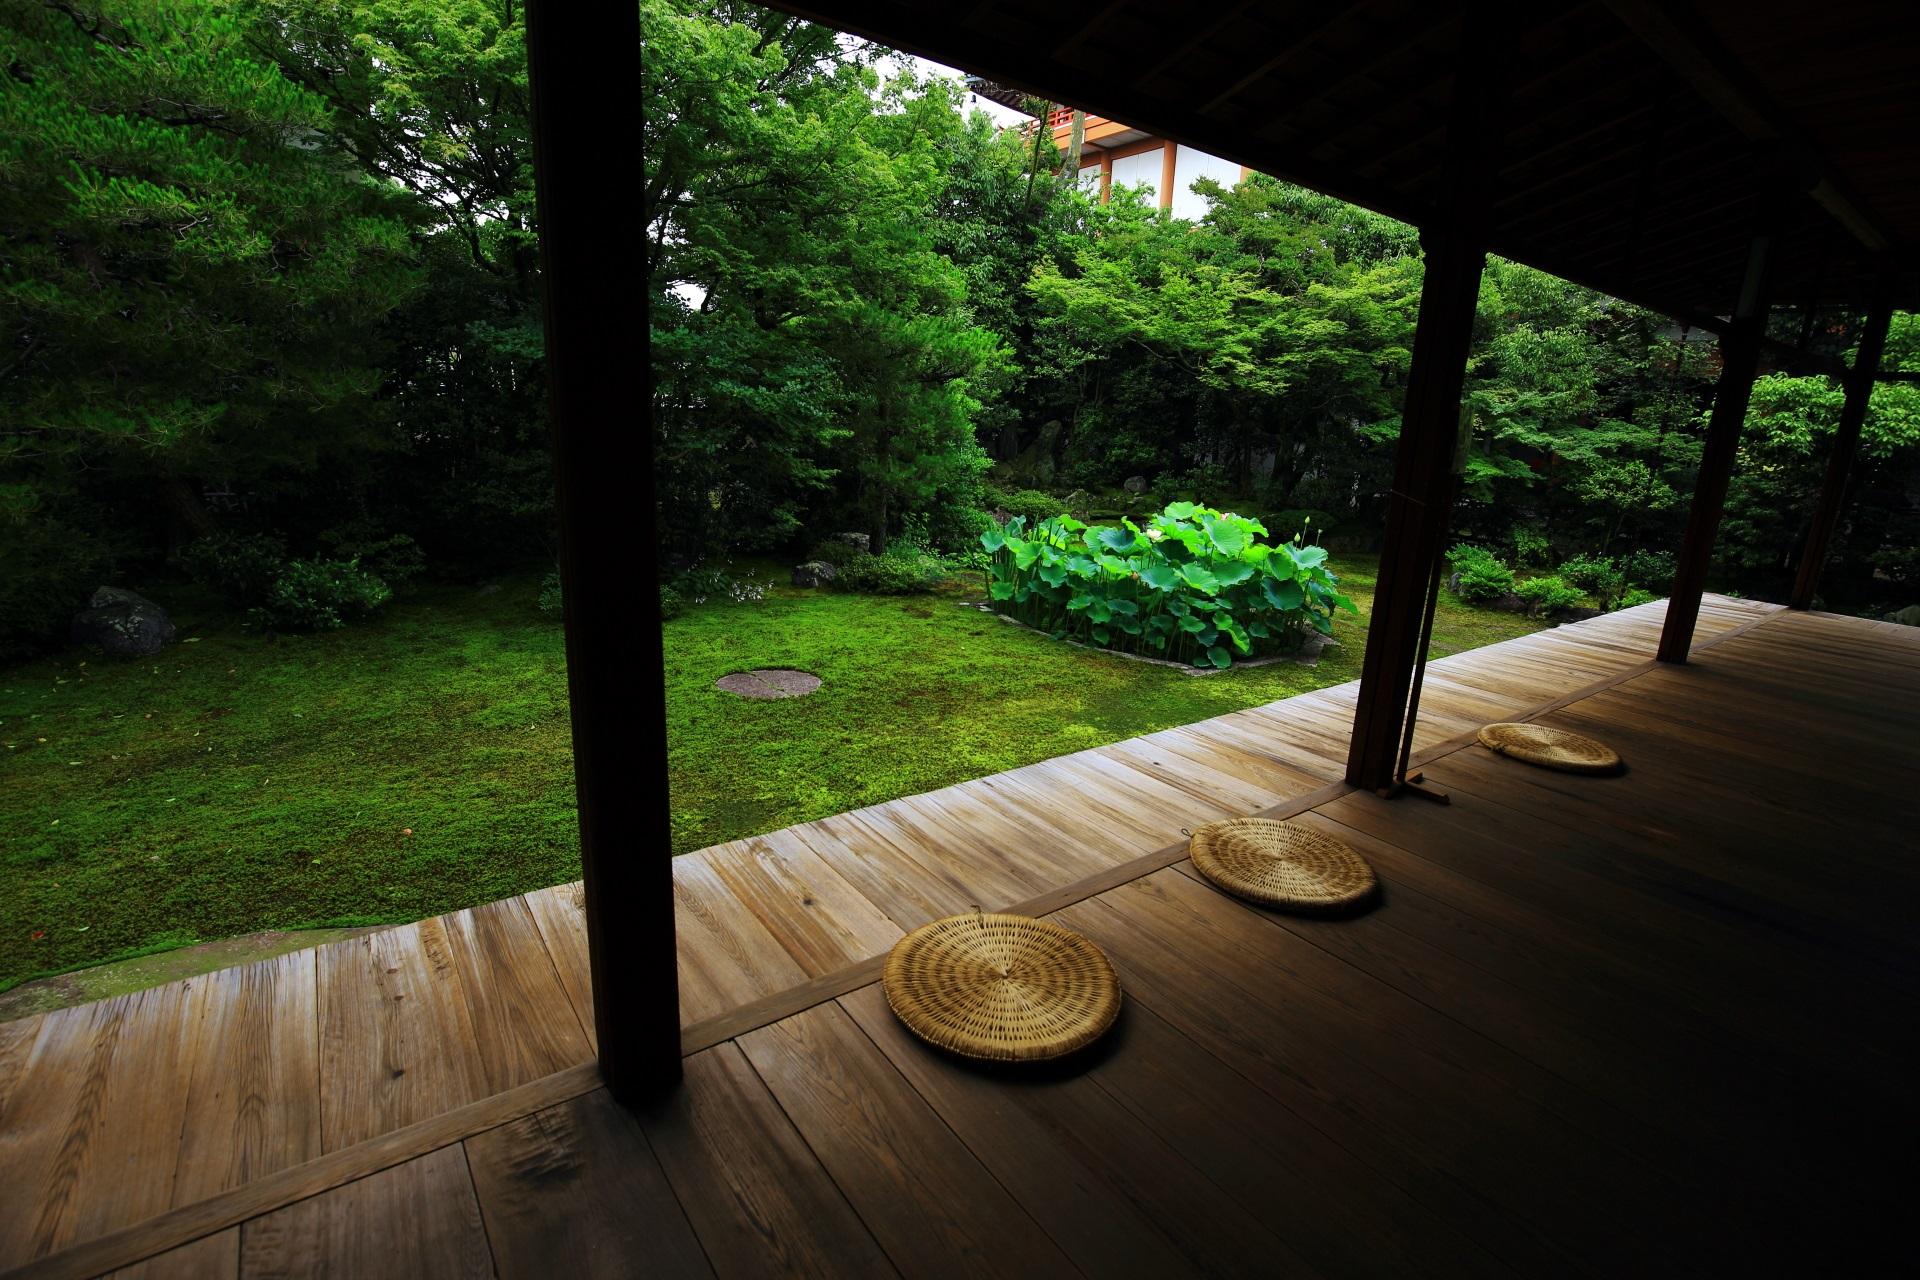 人がいない穴場の本法寺の素晴らしい庭園